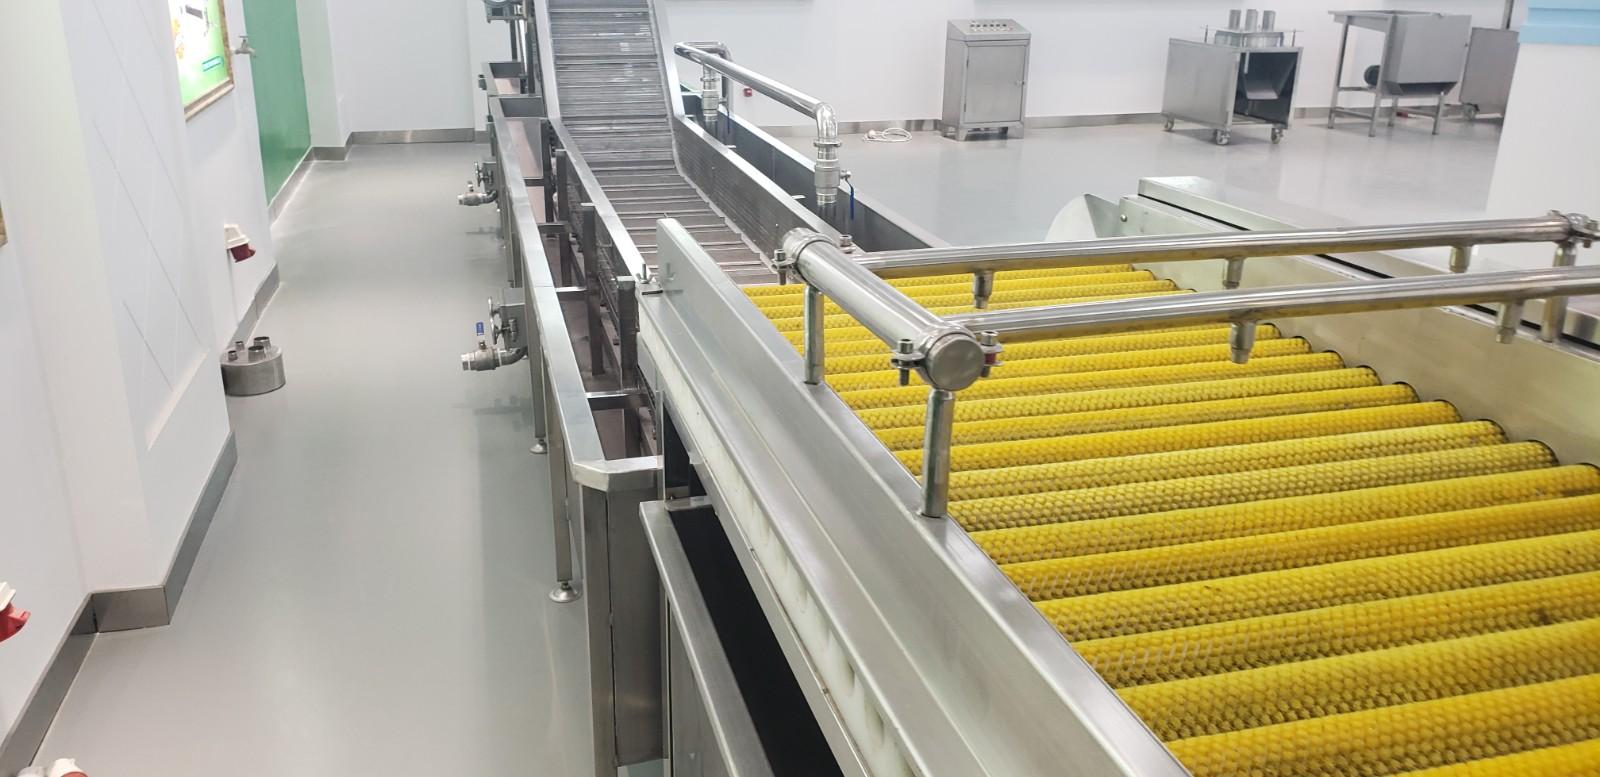 高品质专业净菜加工生产厂家_冷冻食品加工设备相关